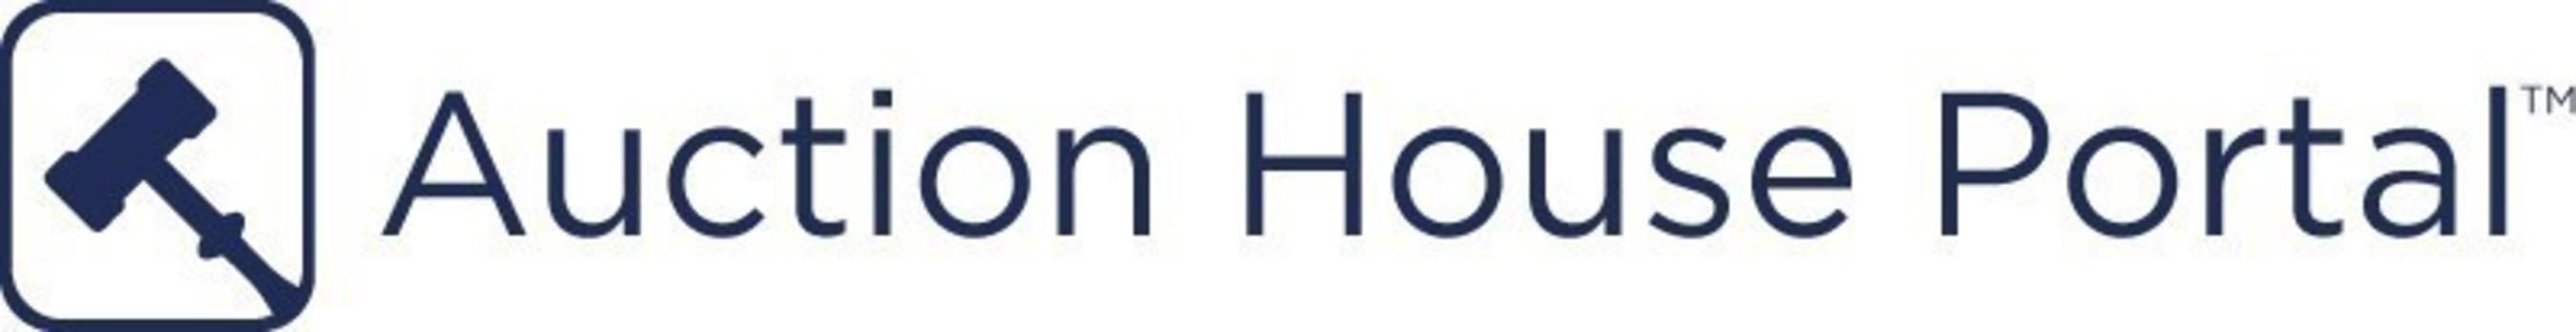 Auction House Portal